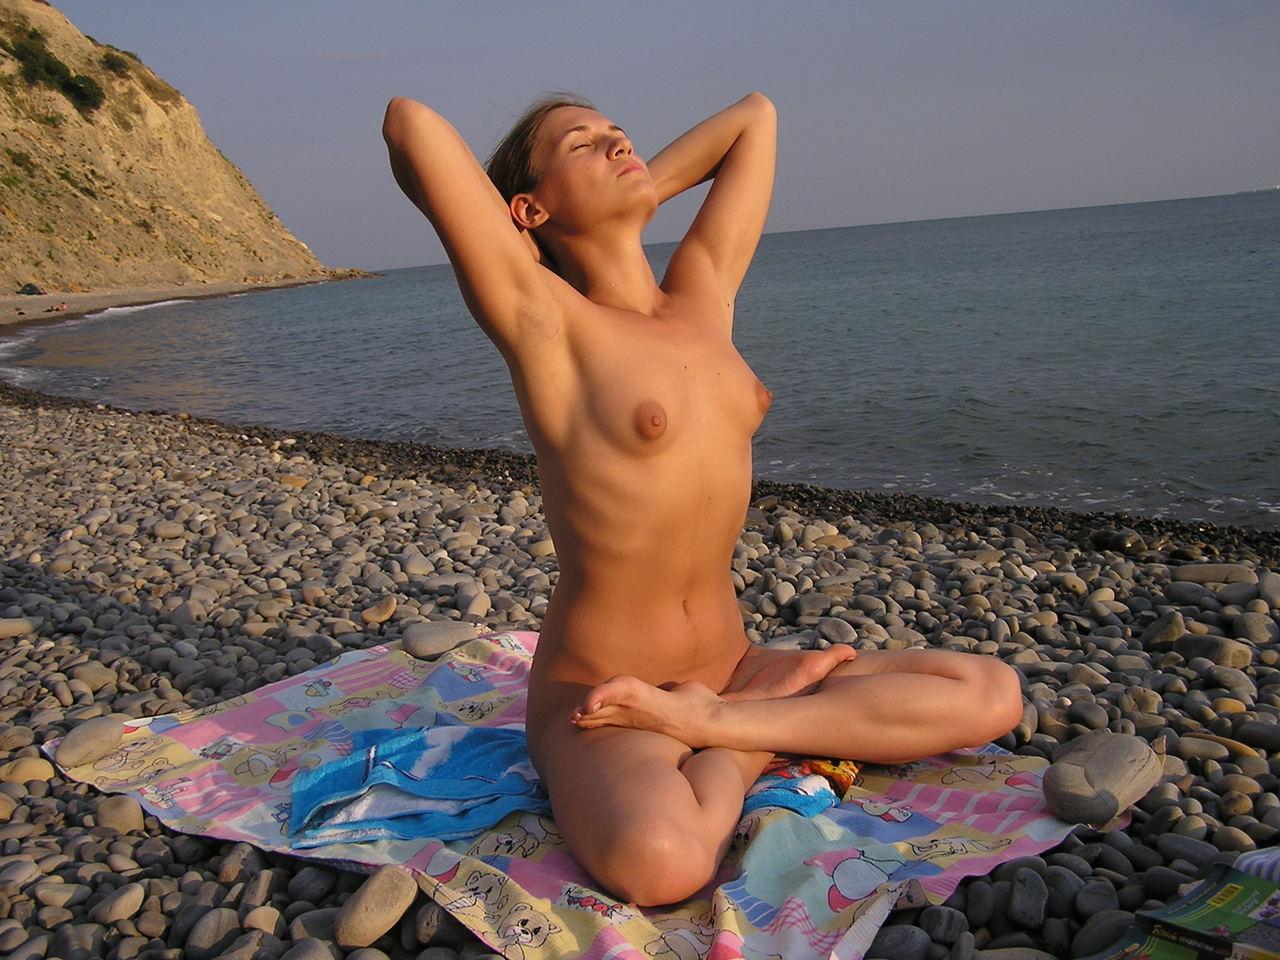 【外人】全裸で集団ヨガに励む美女達のセクシーポルノ画像 1633